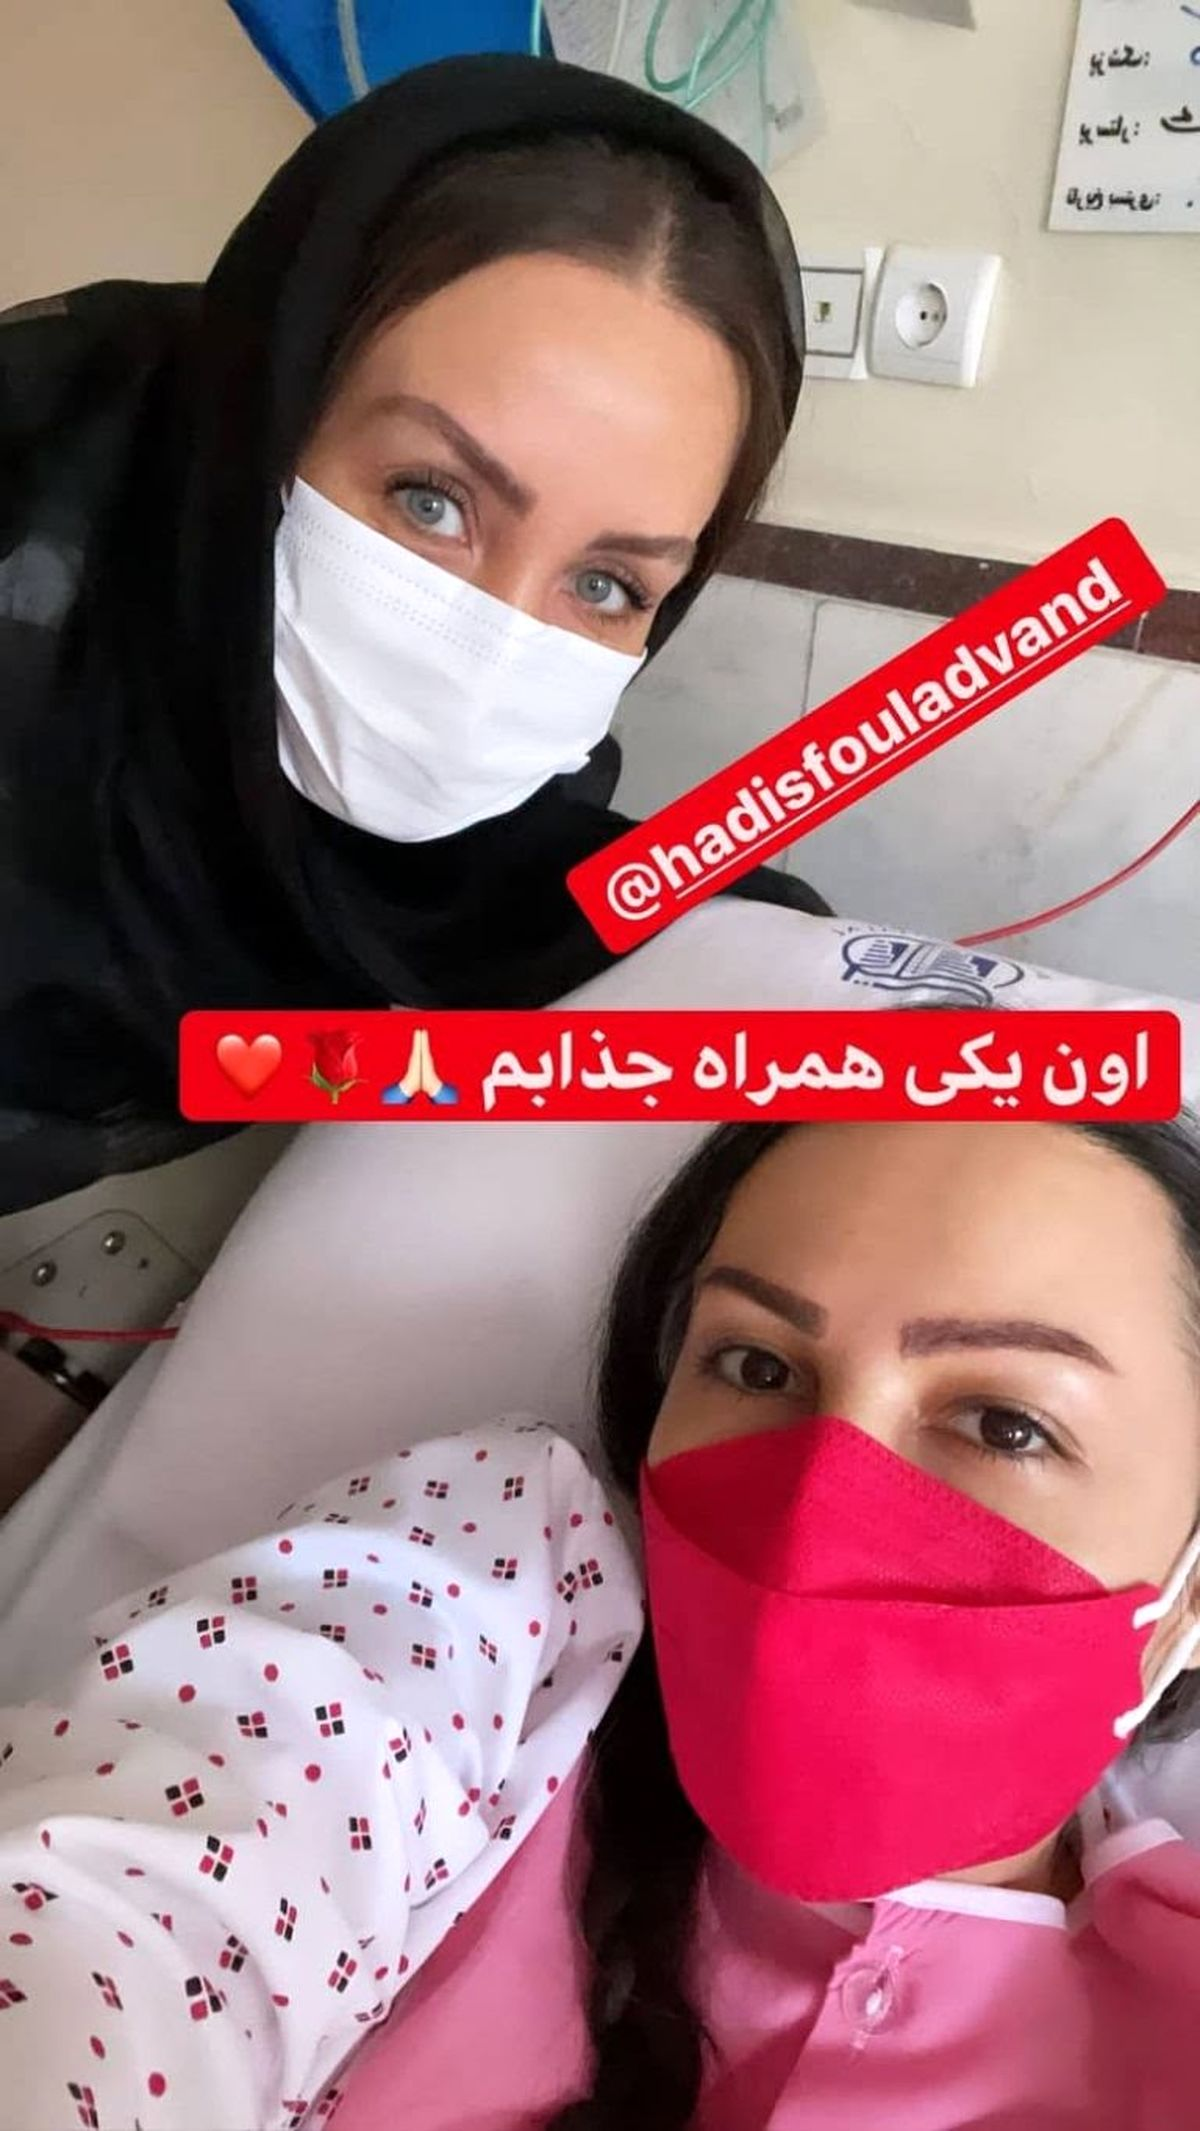 پرستو صالحی در بیمارستان بستری شد + عکس